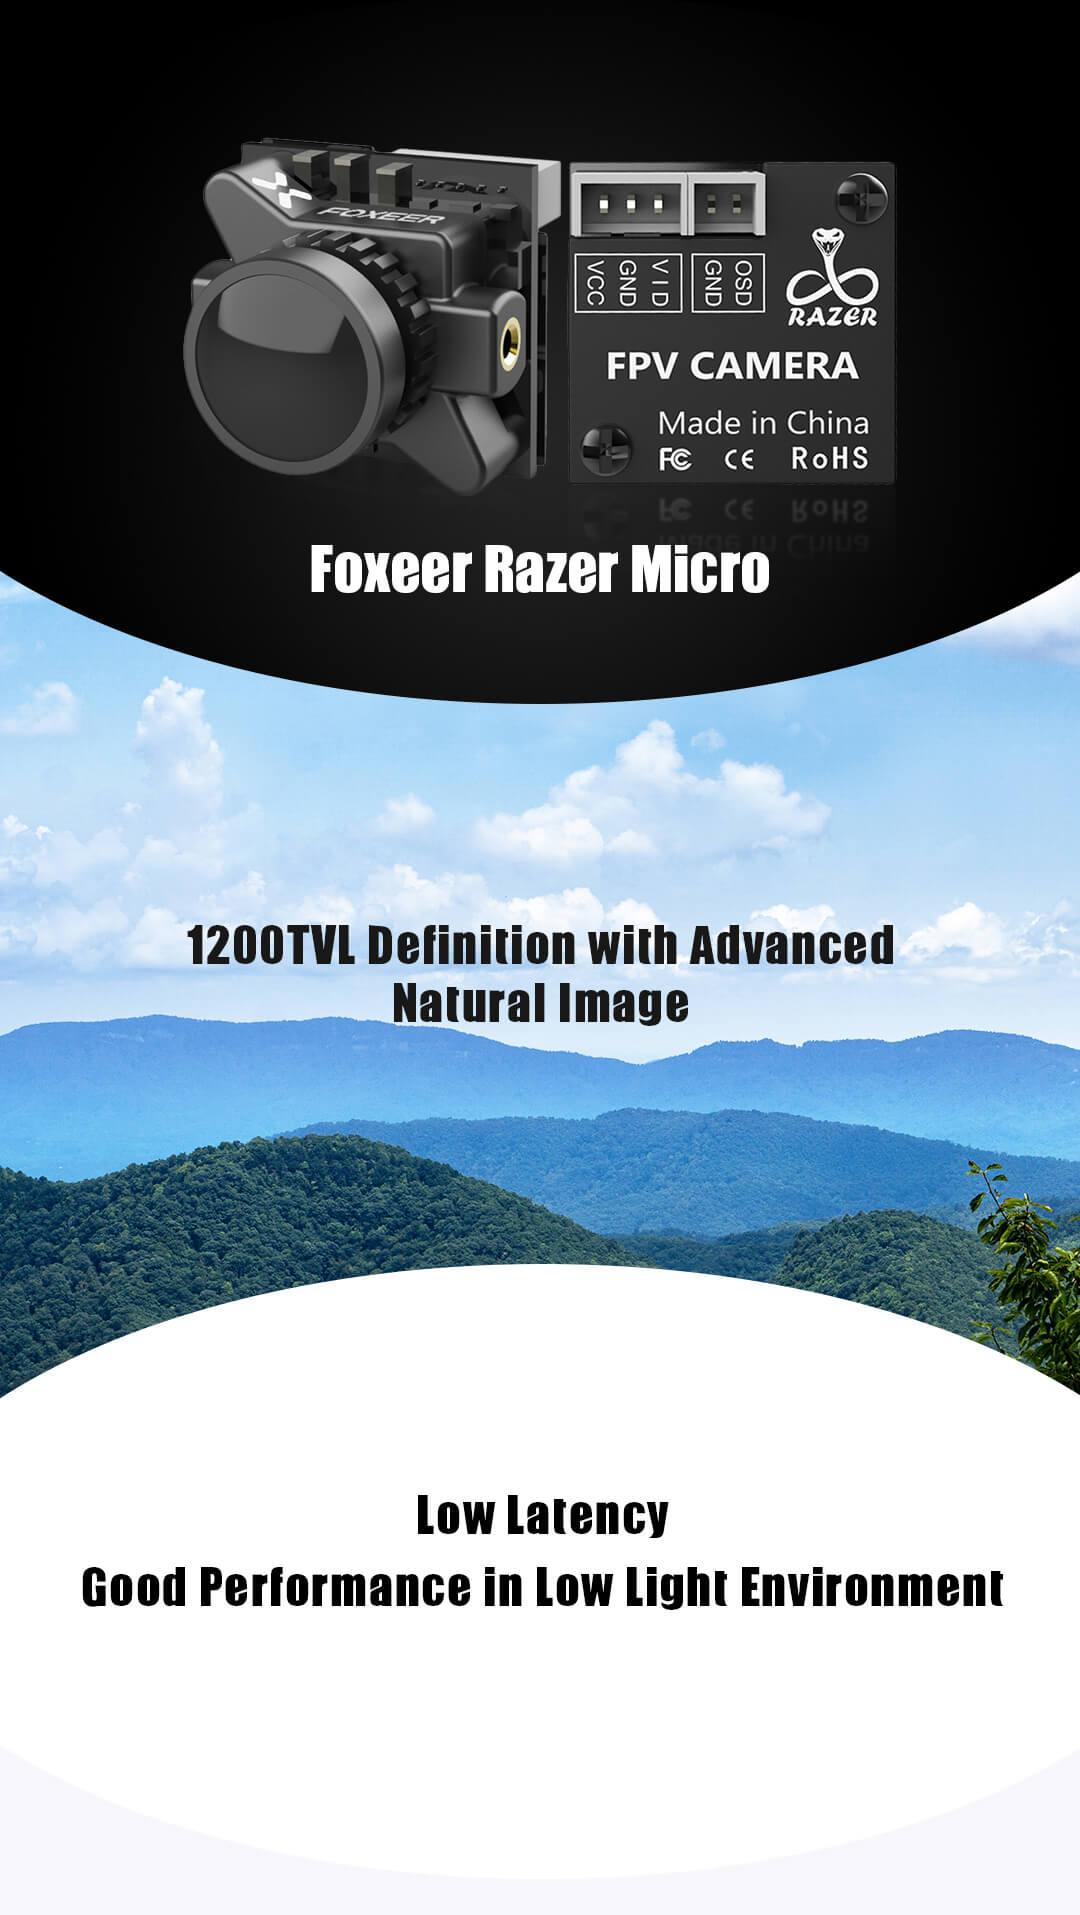 Foxeer Razer Micro infografika